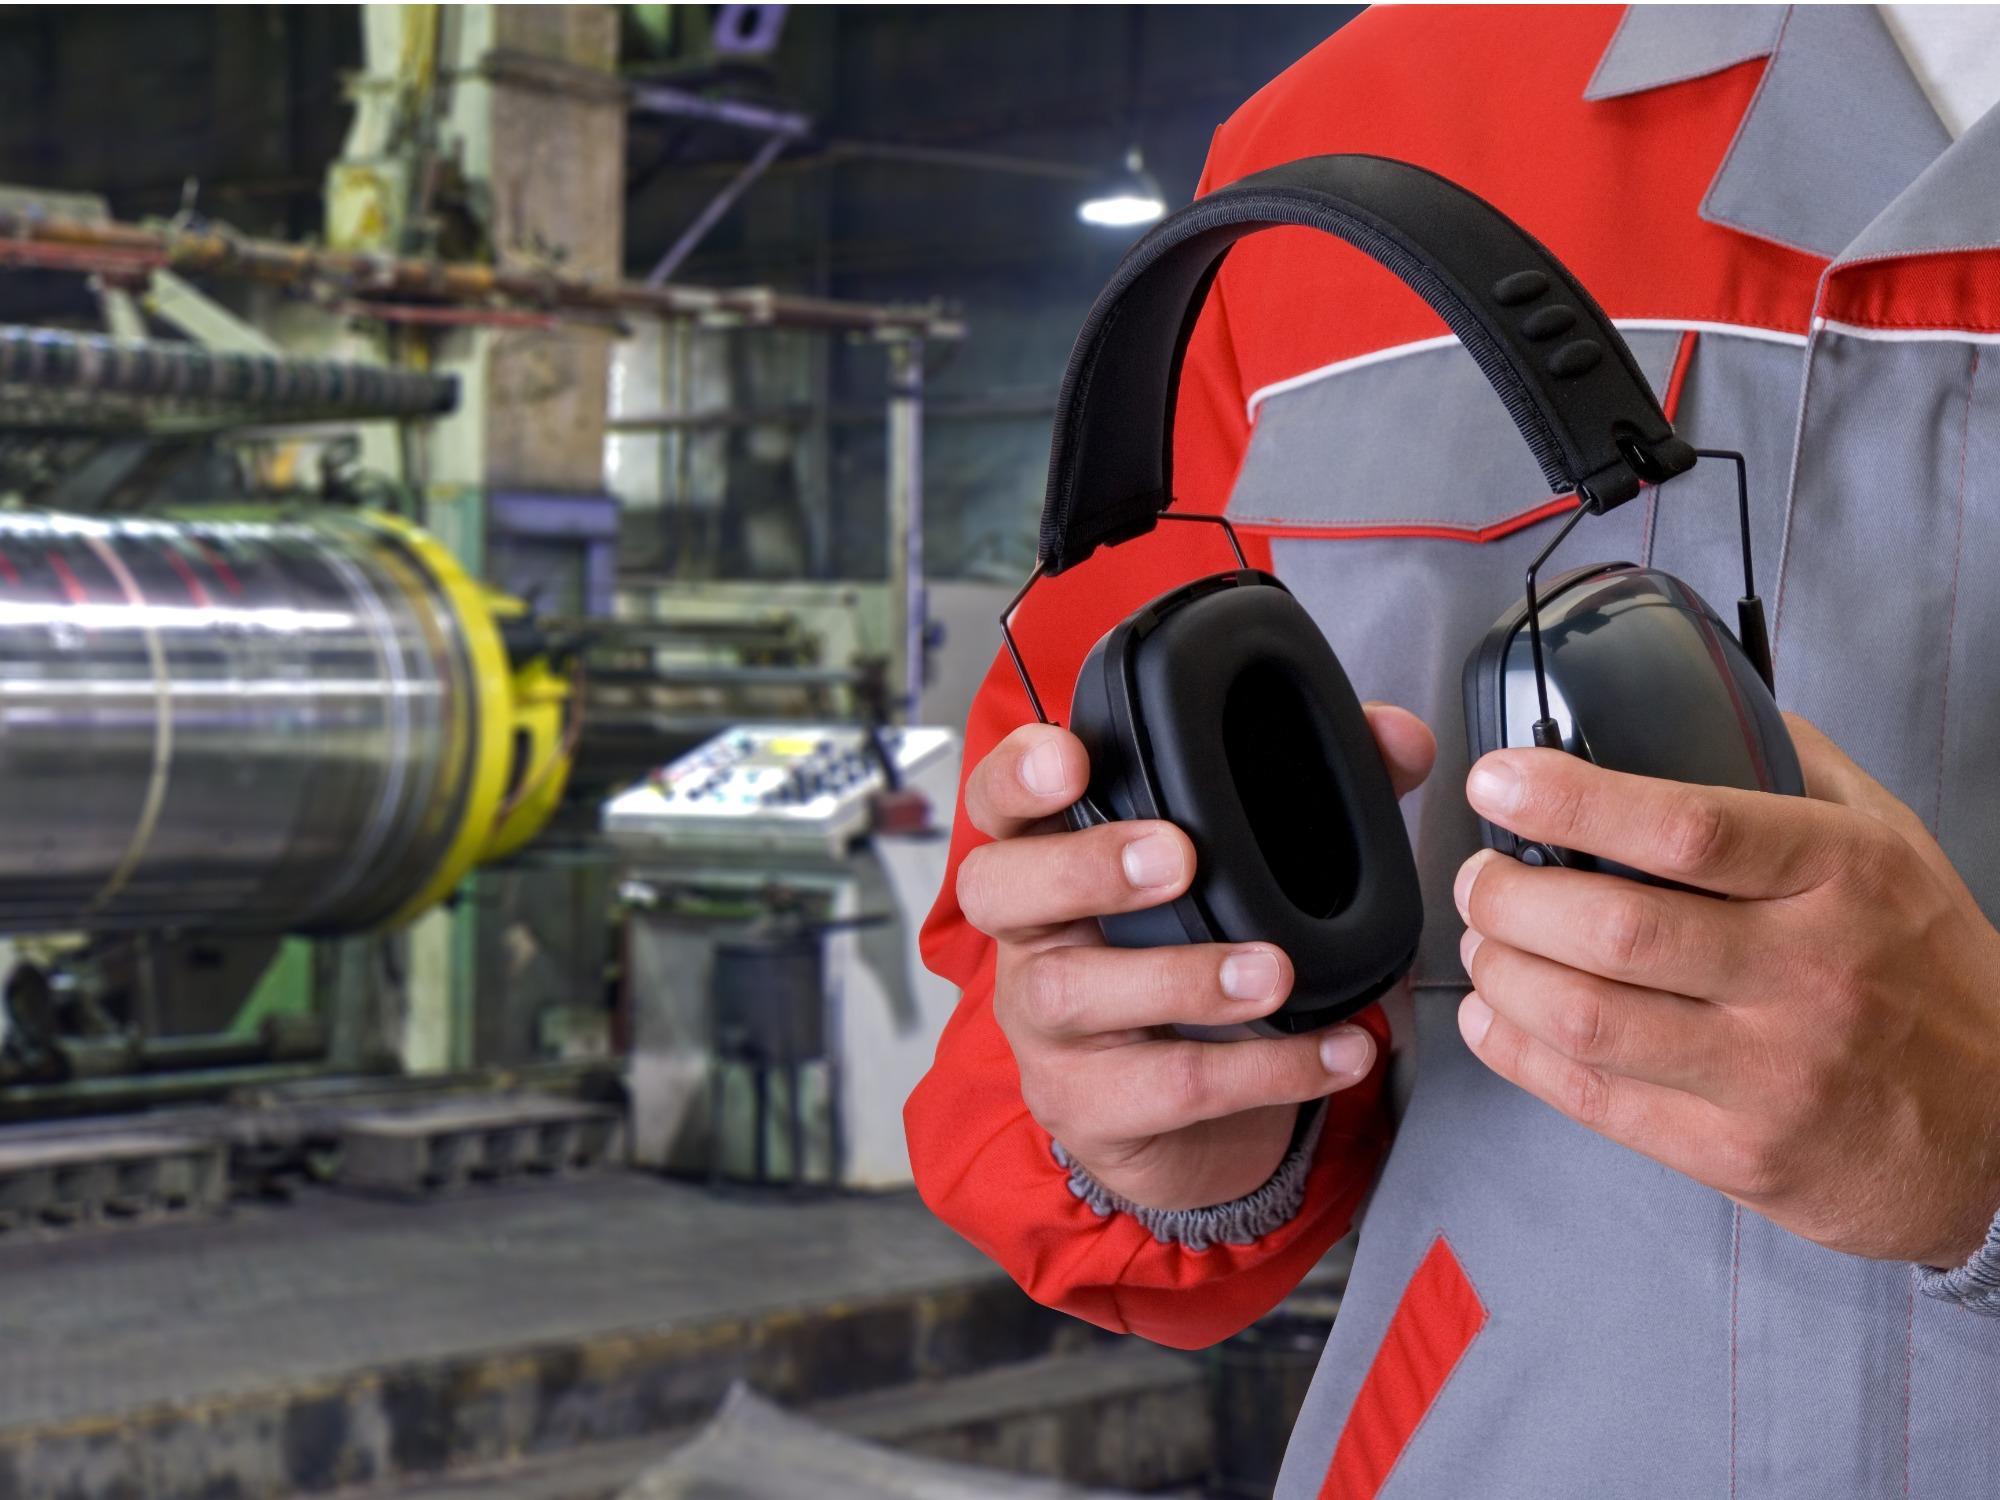 Rumore nell'industria